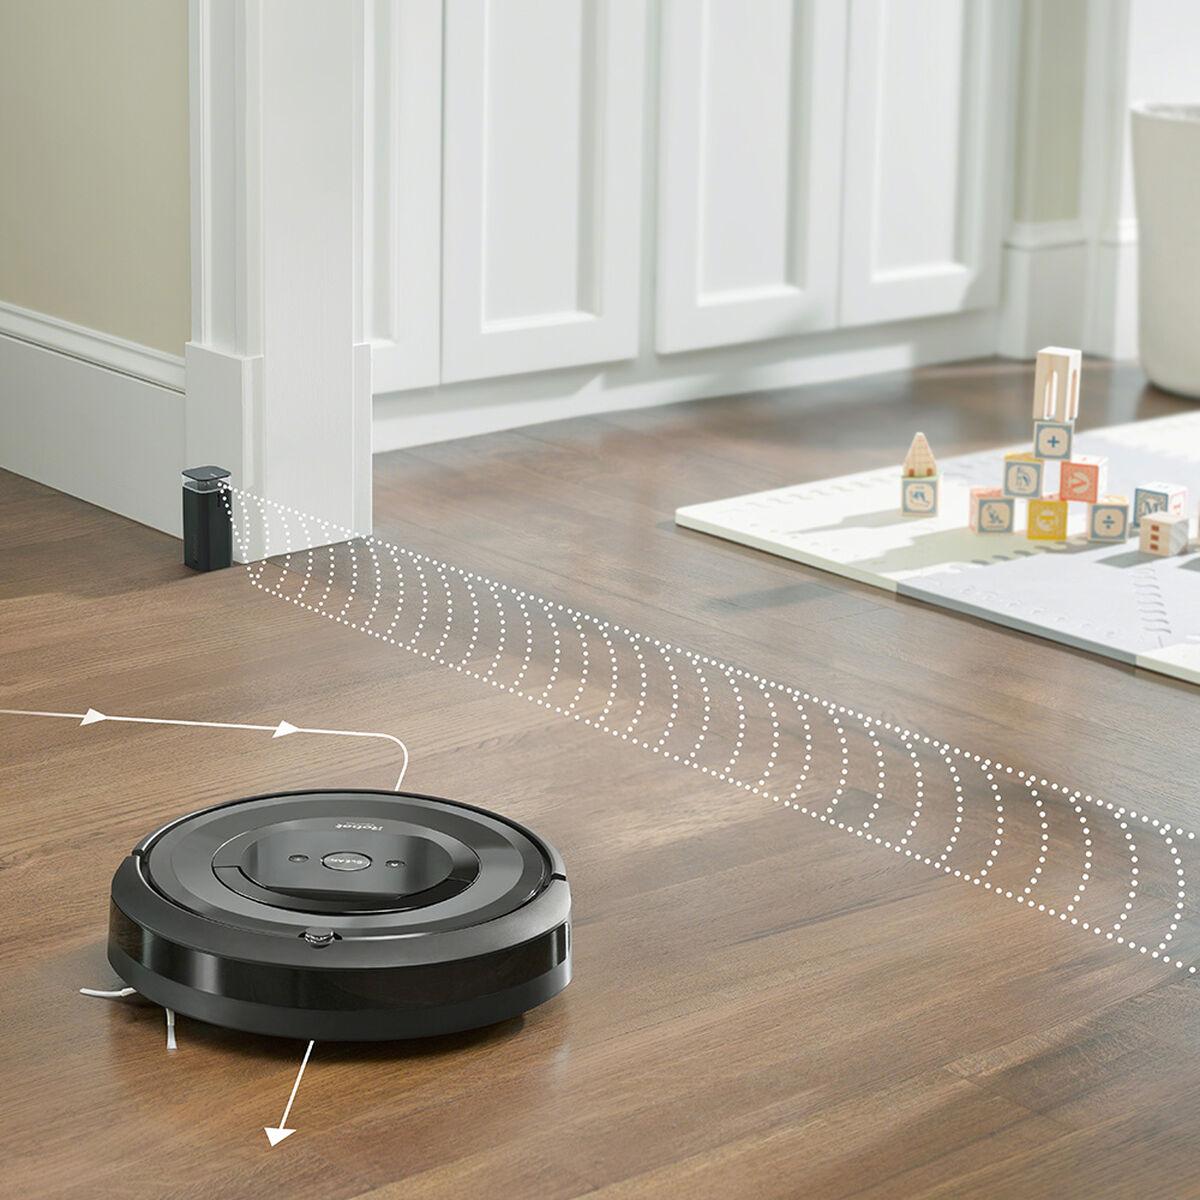 Aspiradora Robot iRobot Roomba E5